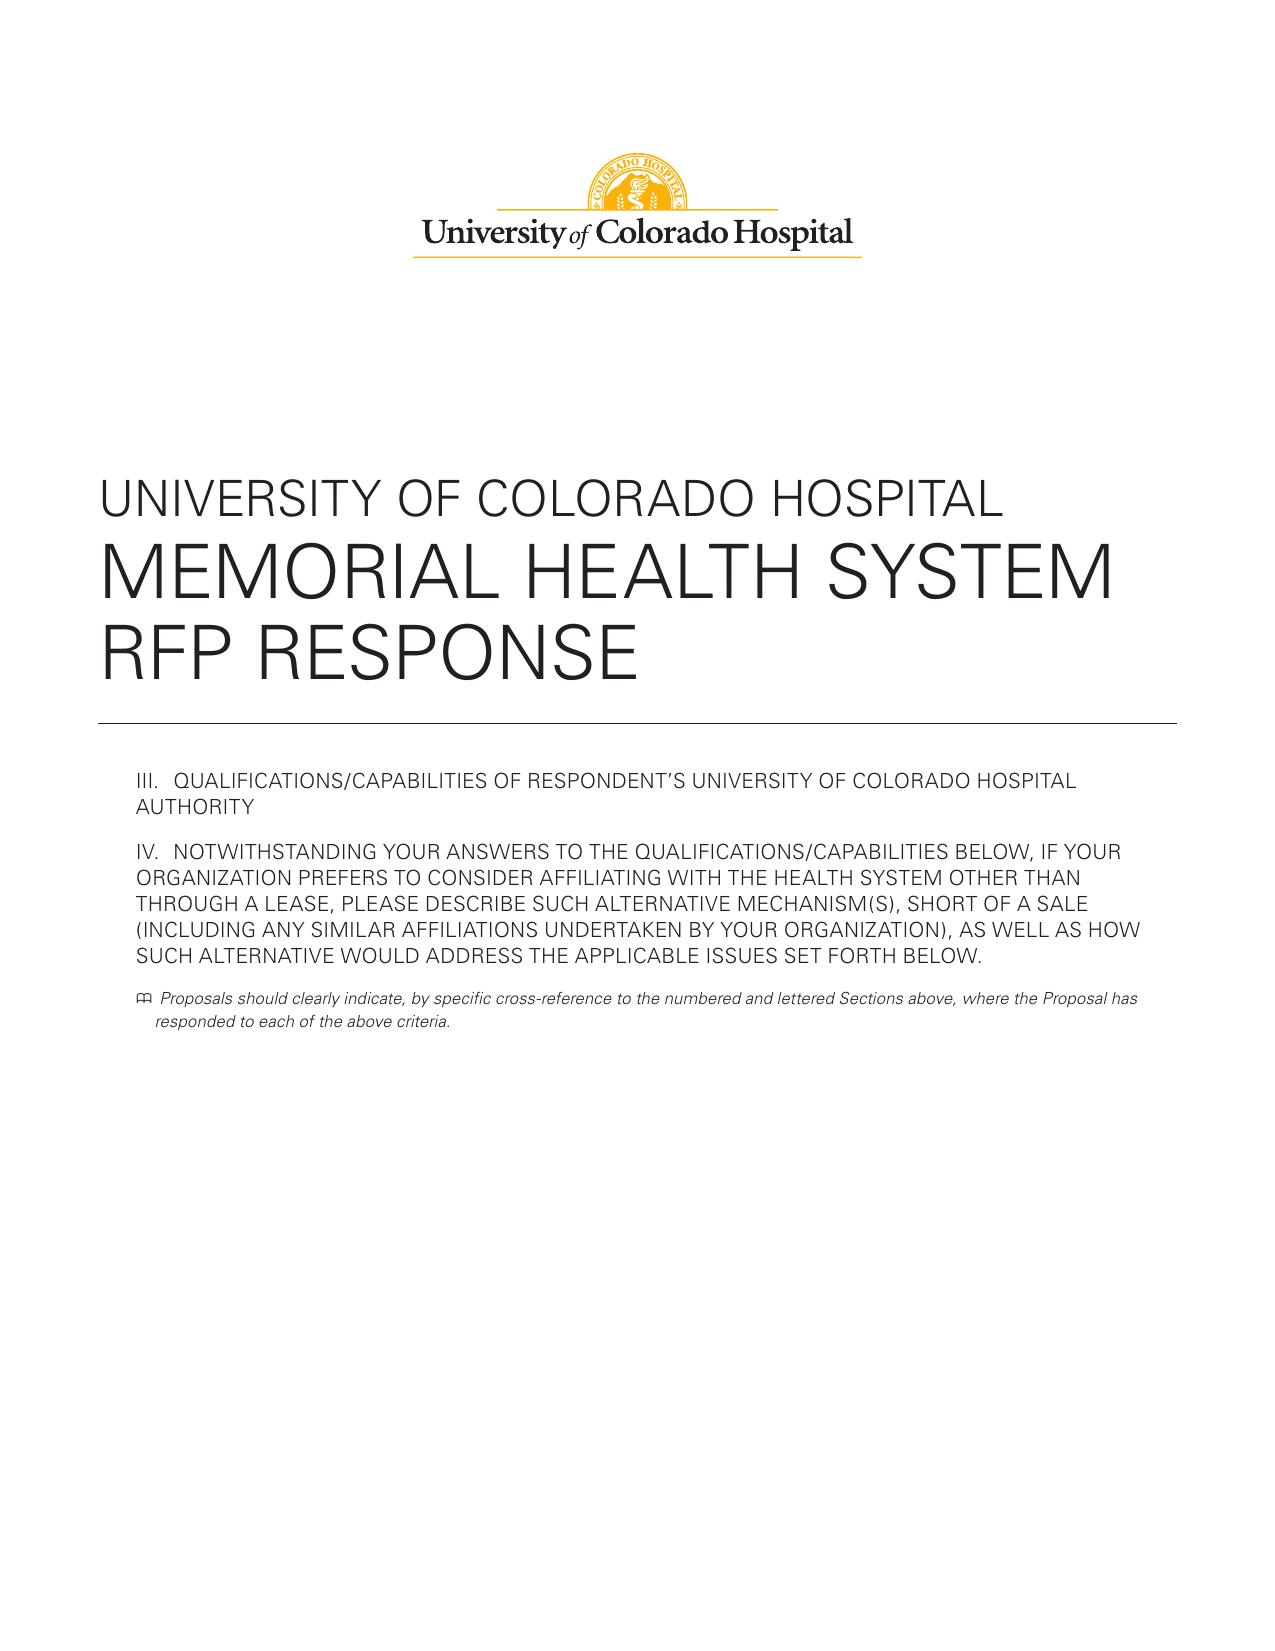 memorial health system rfp response